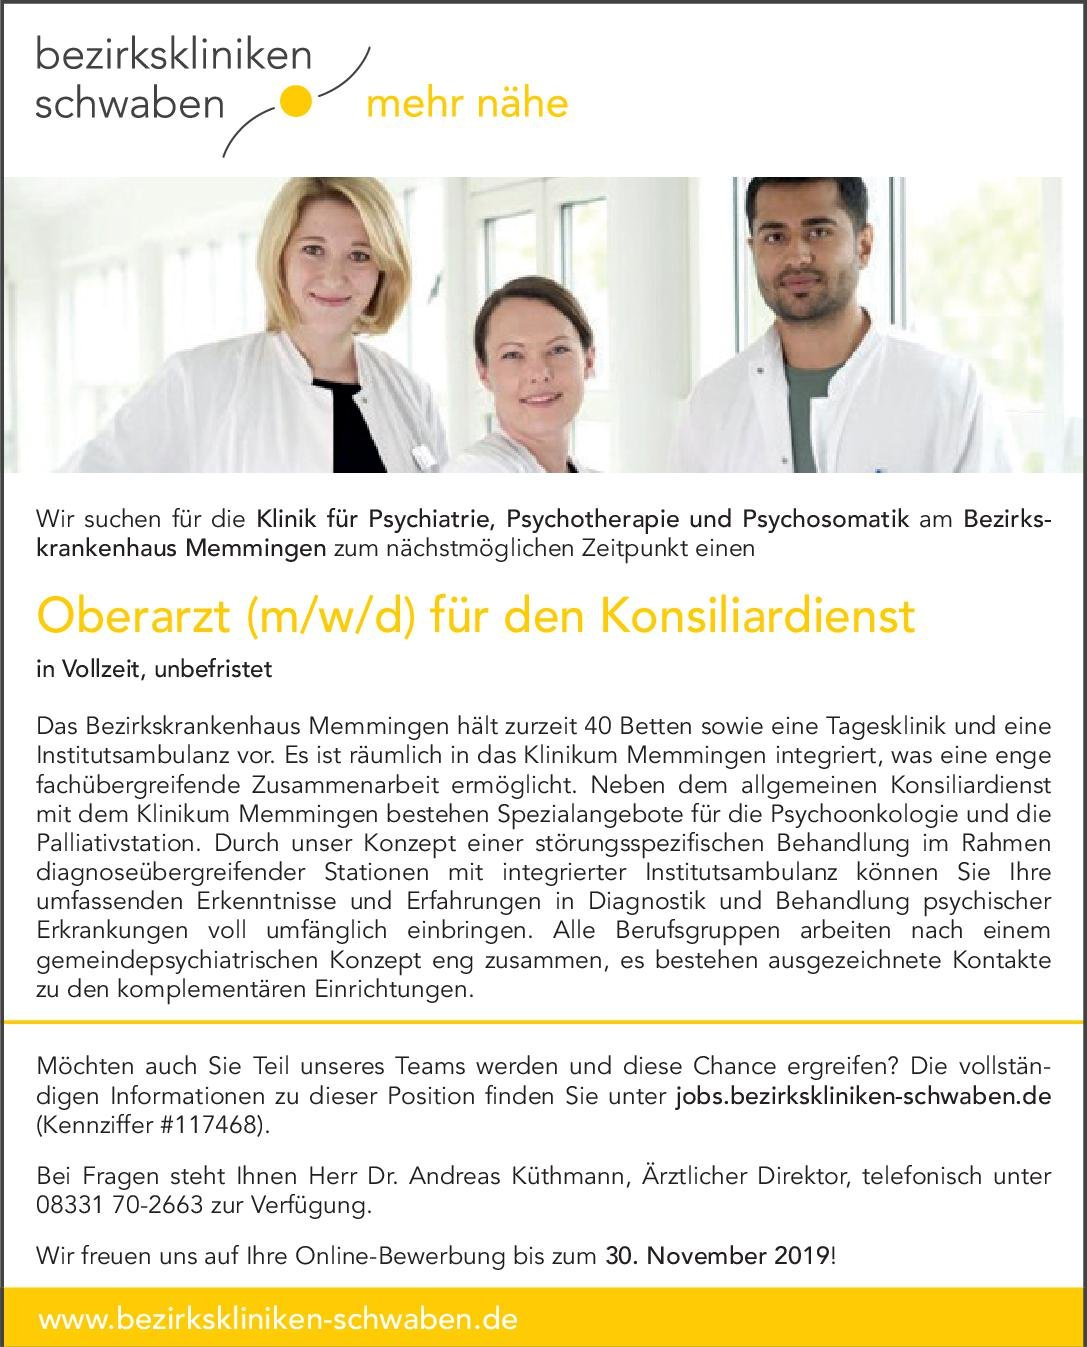 Bezirkskrankenhaus Memmingen Oberarzt (m/w/d) für den Konsiliardienst  Psychiatrie und Psychotherapie, Psychiatrie und Psychotherapie, Psychosomatische Medizin und Psychotherapie Oberarzt